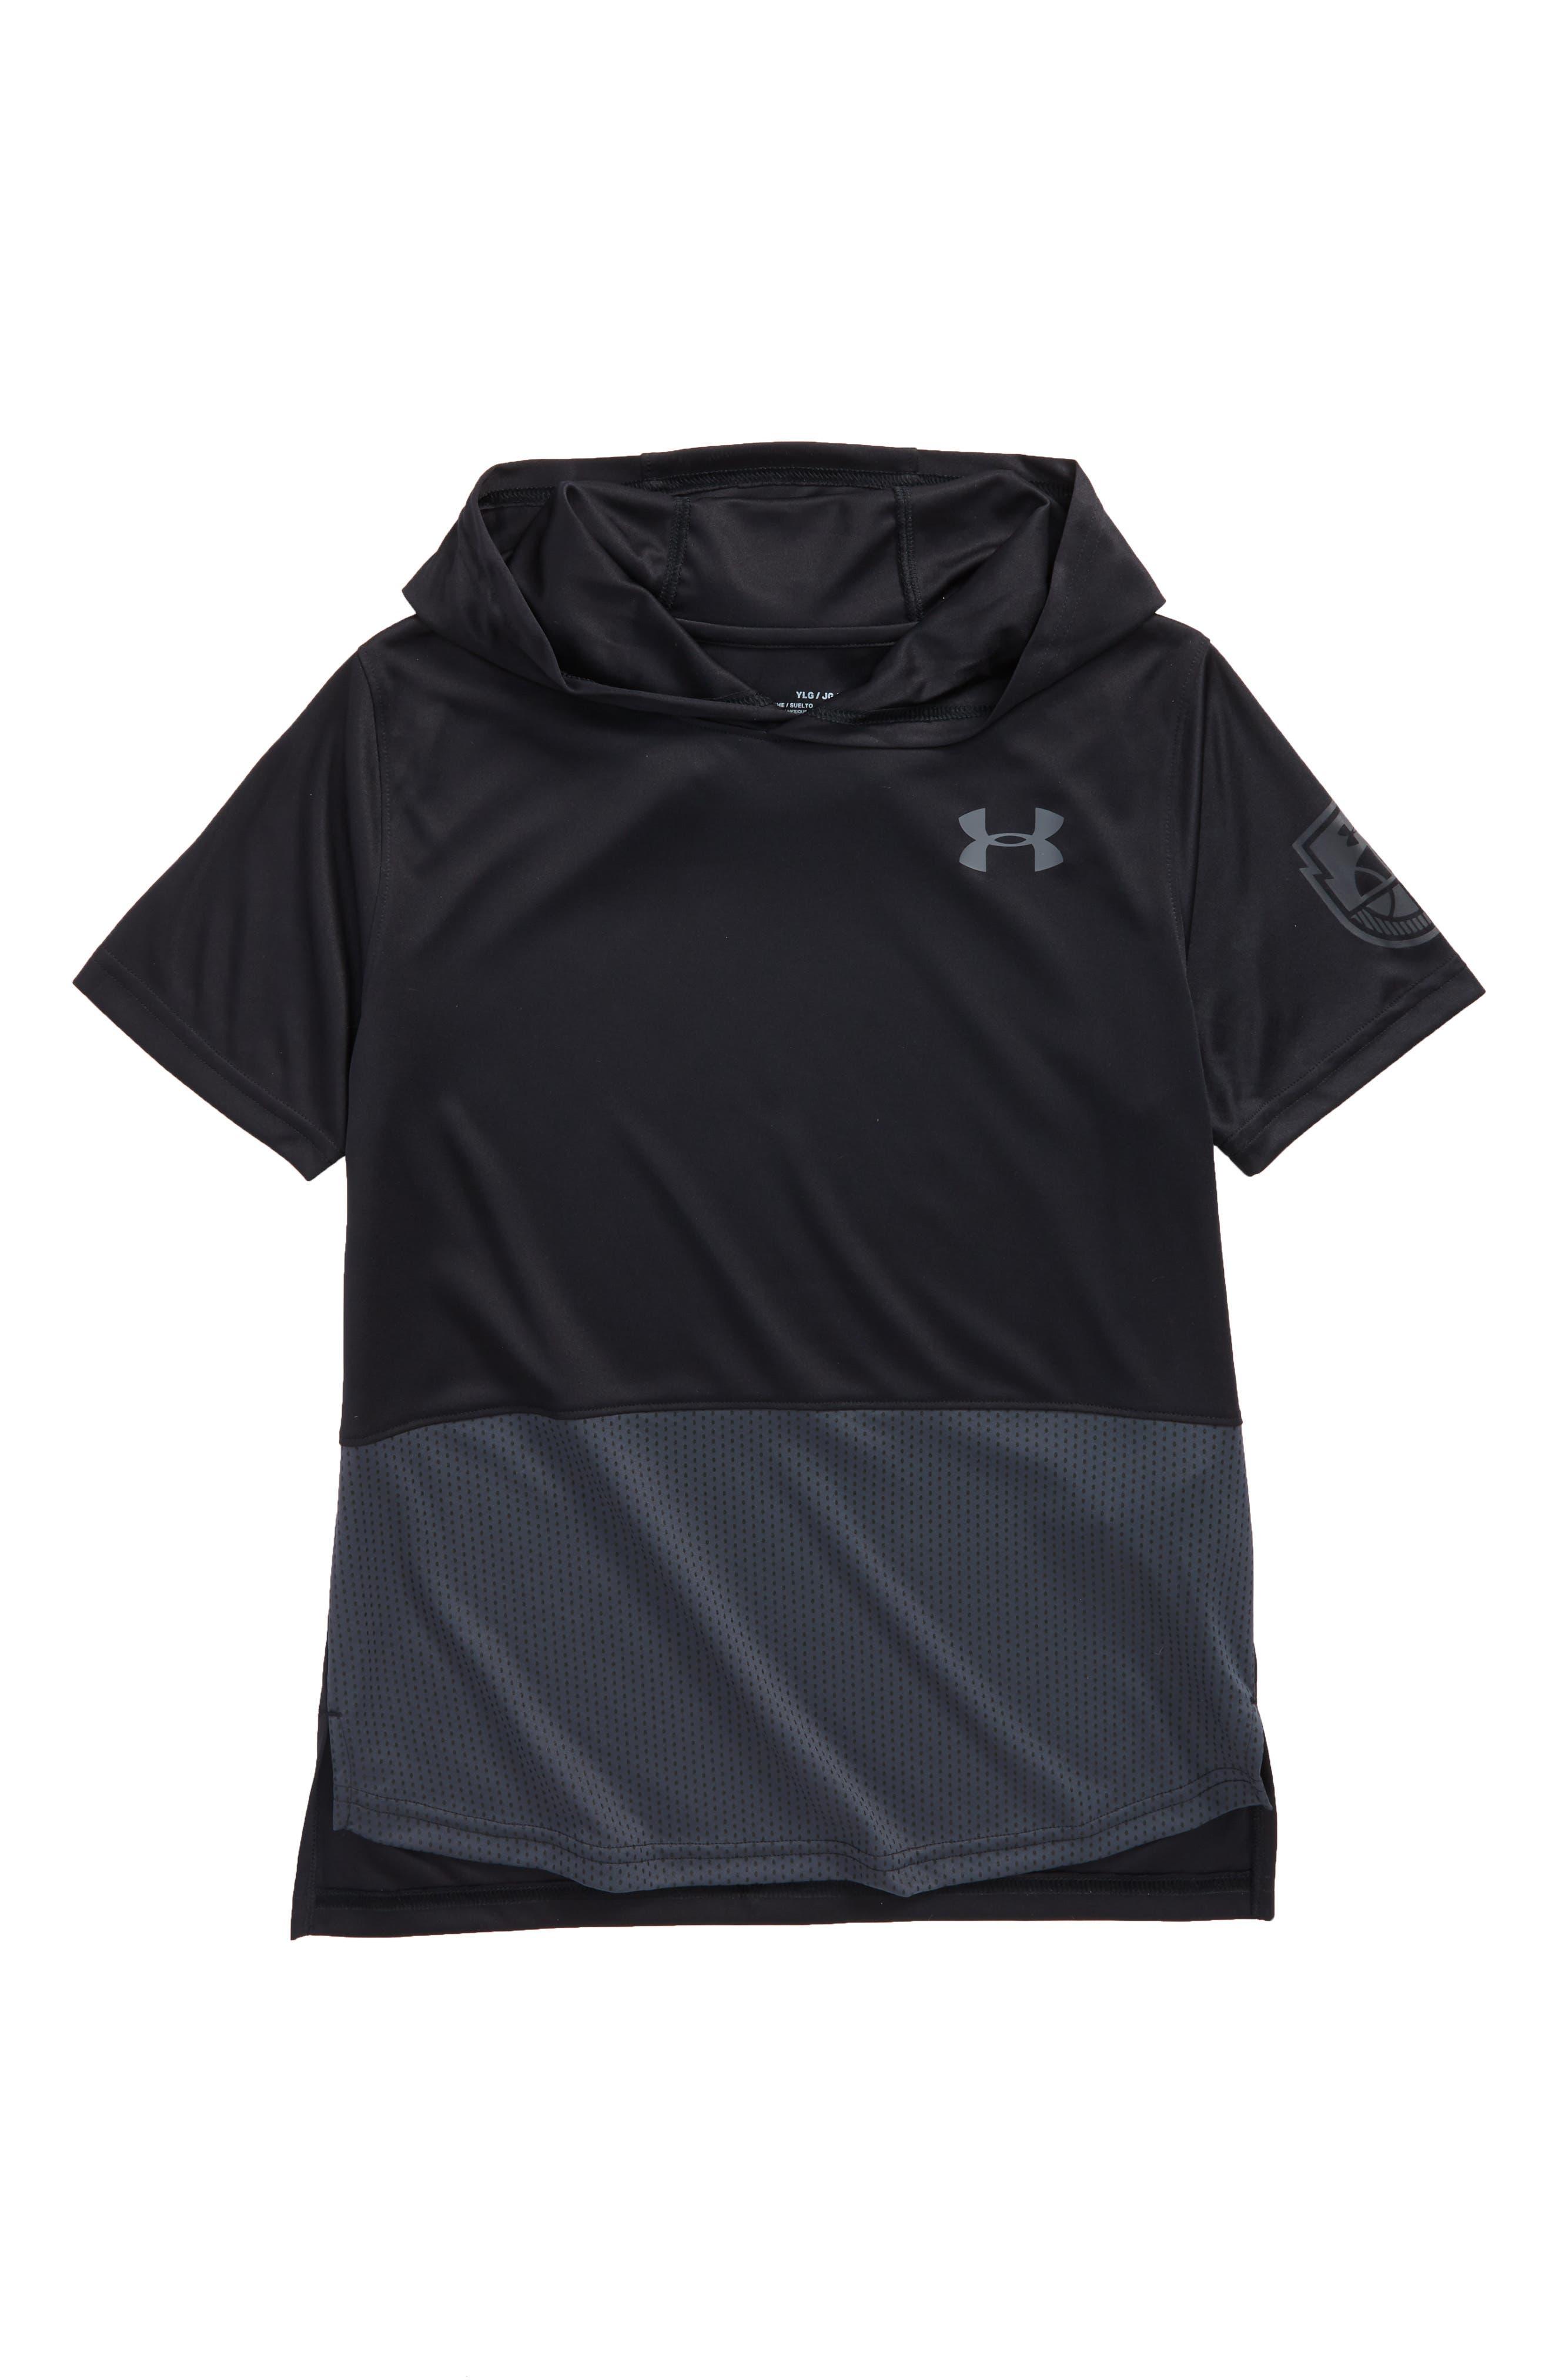 Baseline HeatGear<sup>®</sup> Hooded T-Shirt,                             Main thumbnail 1, color,                             001